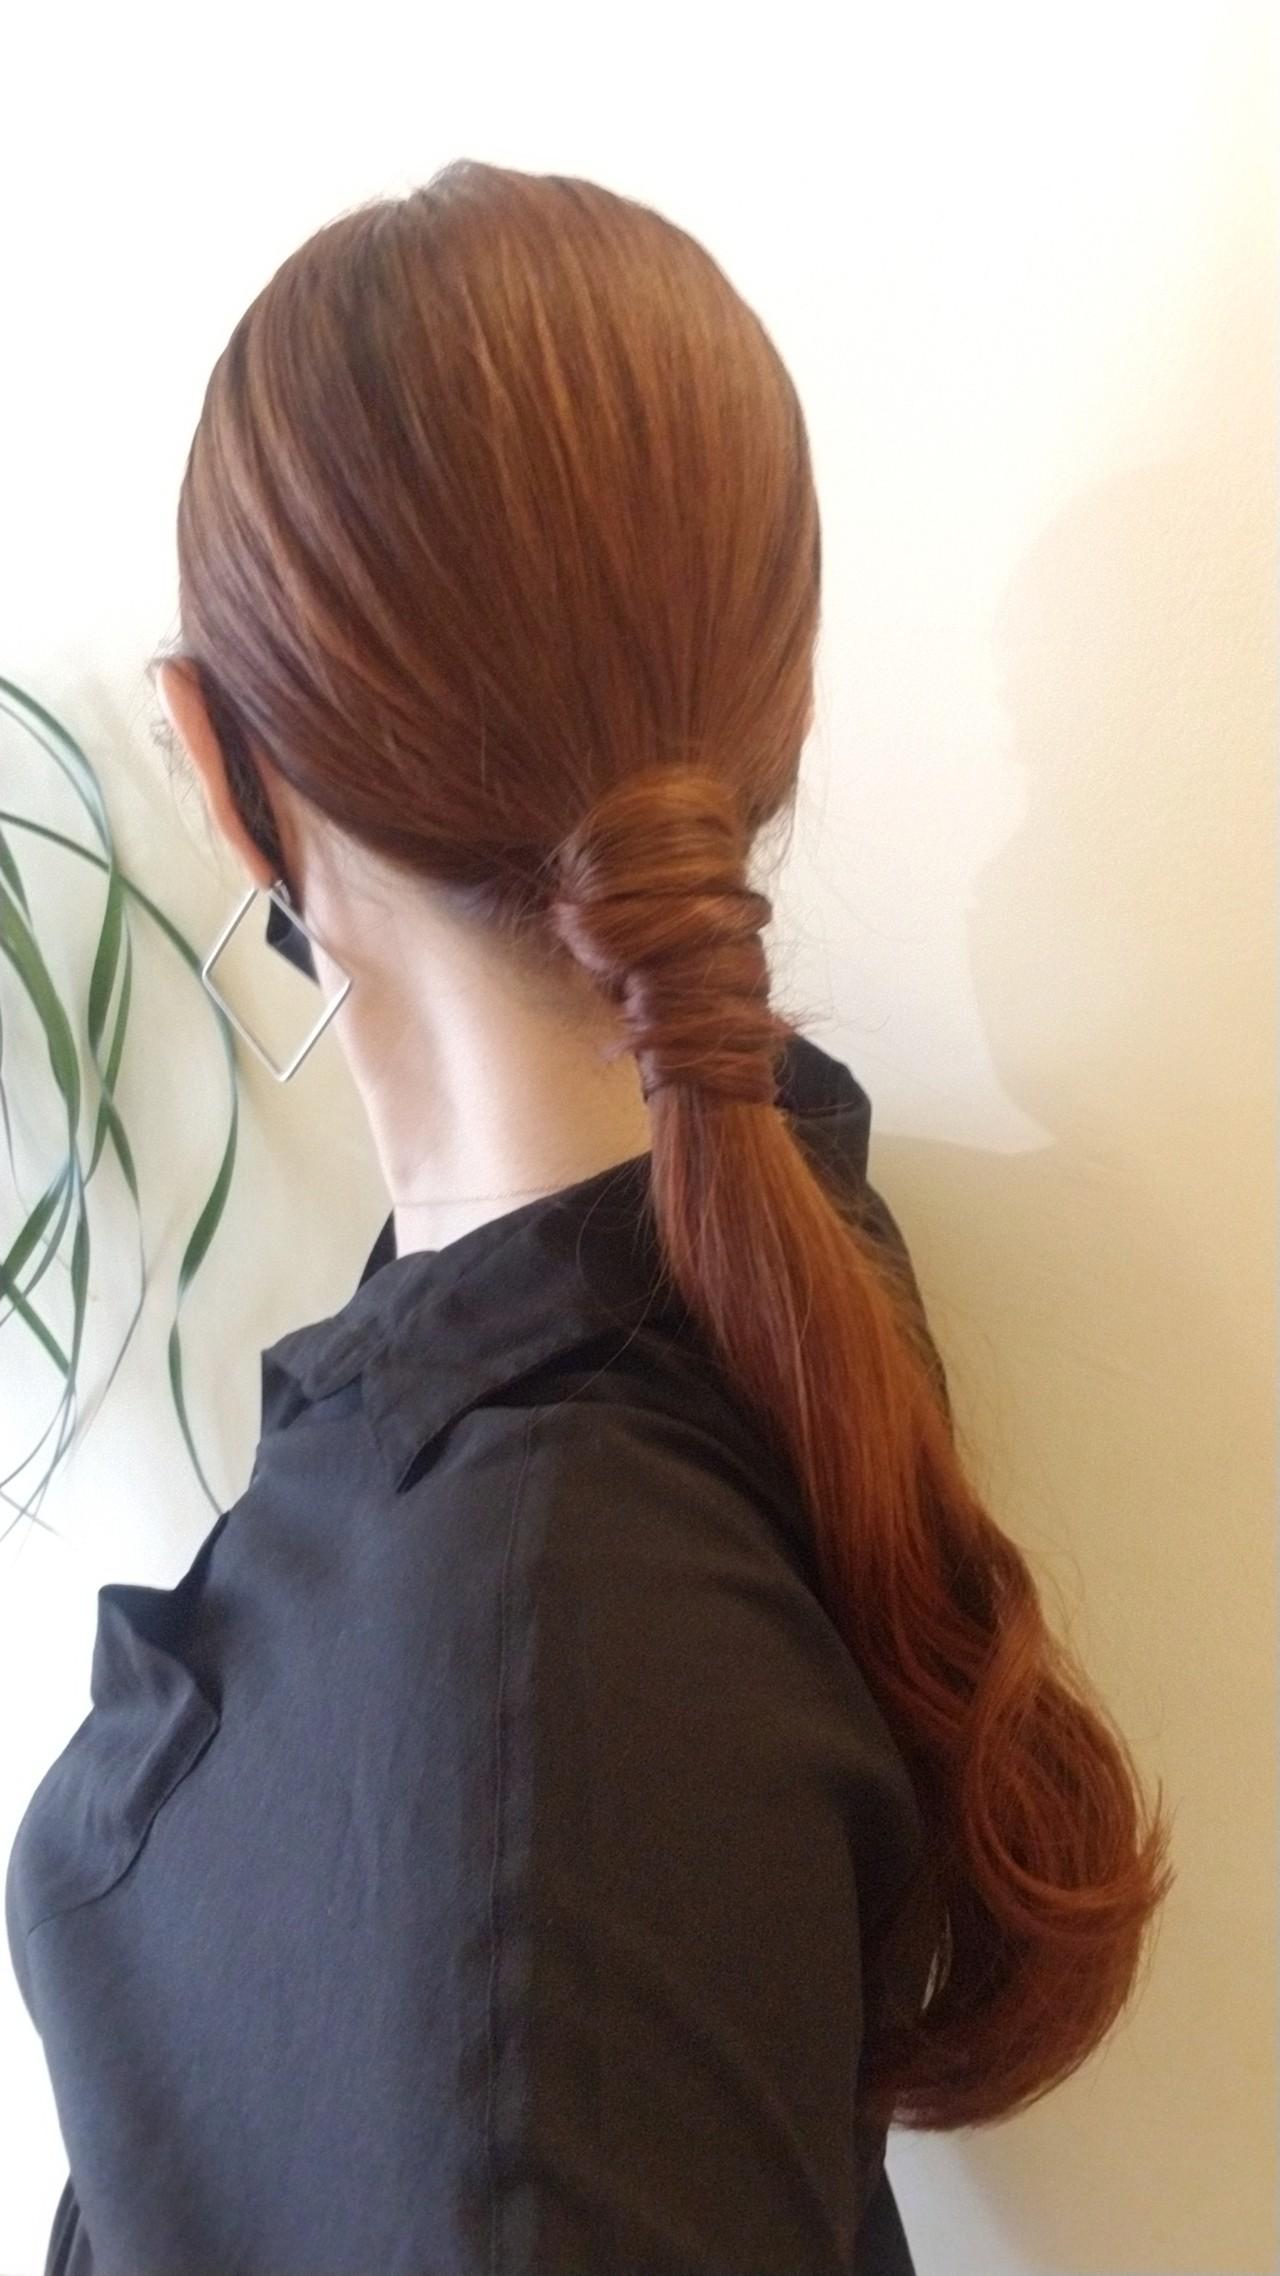 不器用さん向け簡単アレンジ セルフヘアアレンジ ナチュラル 簡単ヘアアレンジ ヘアスタイルや髪型の写真・画像